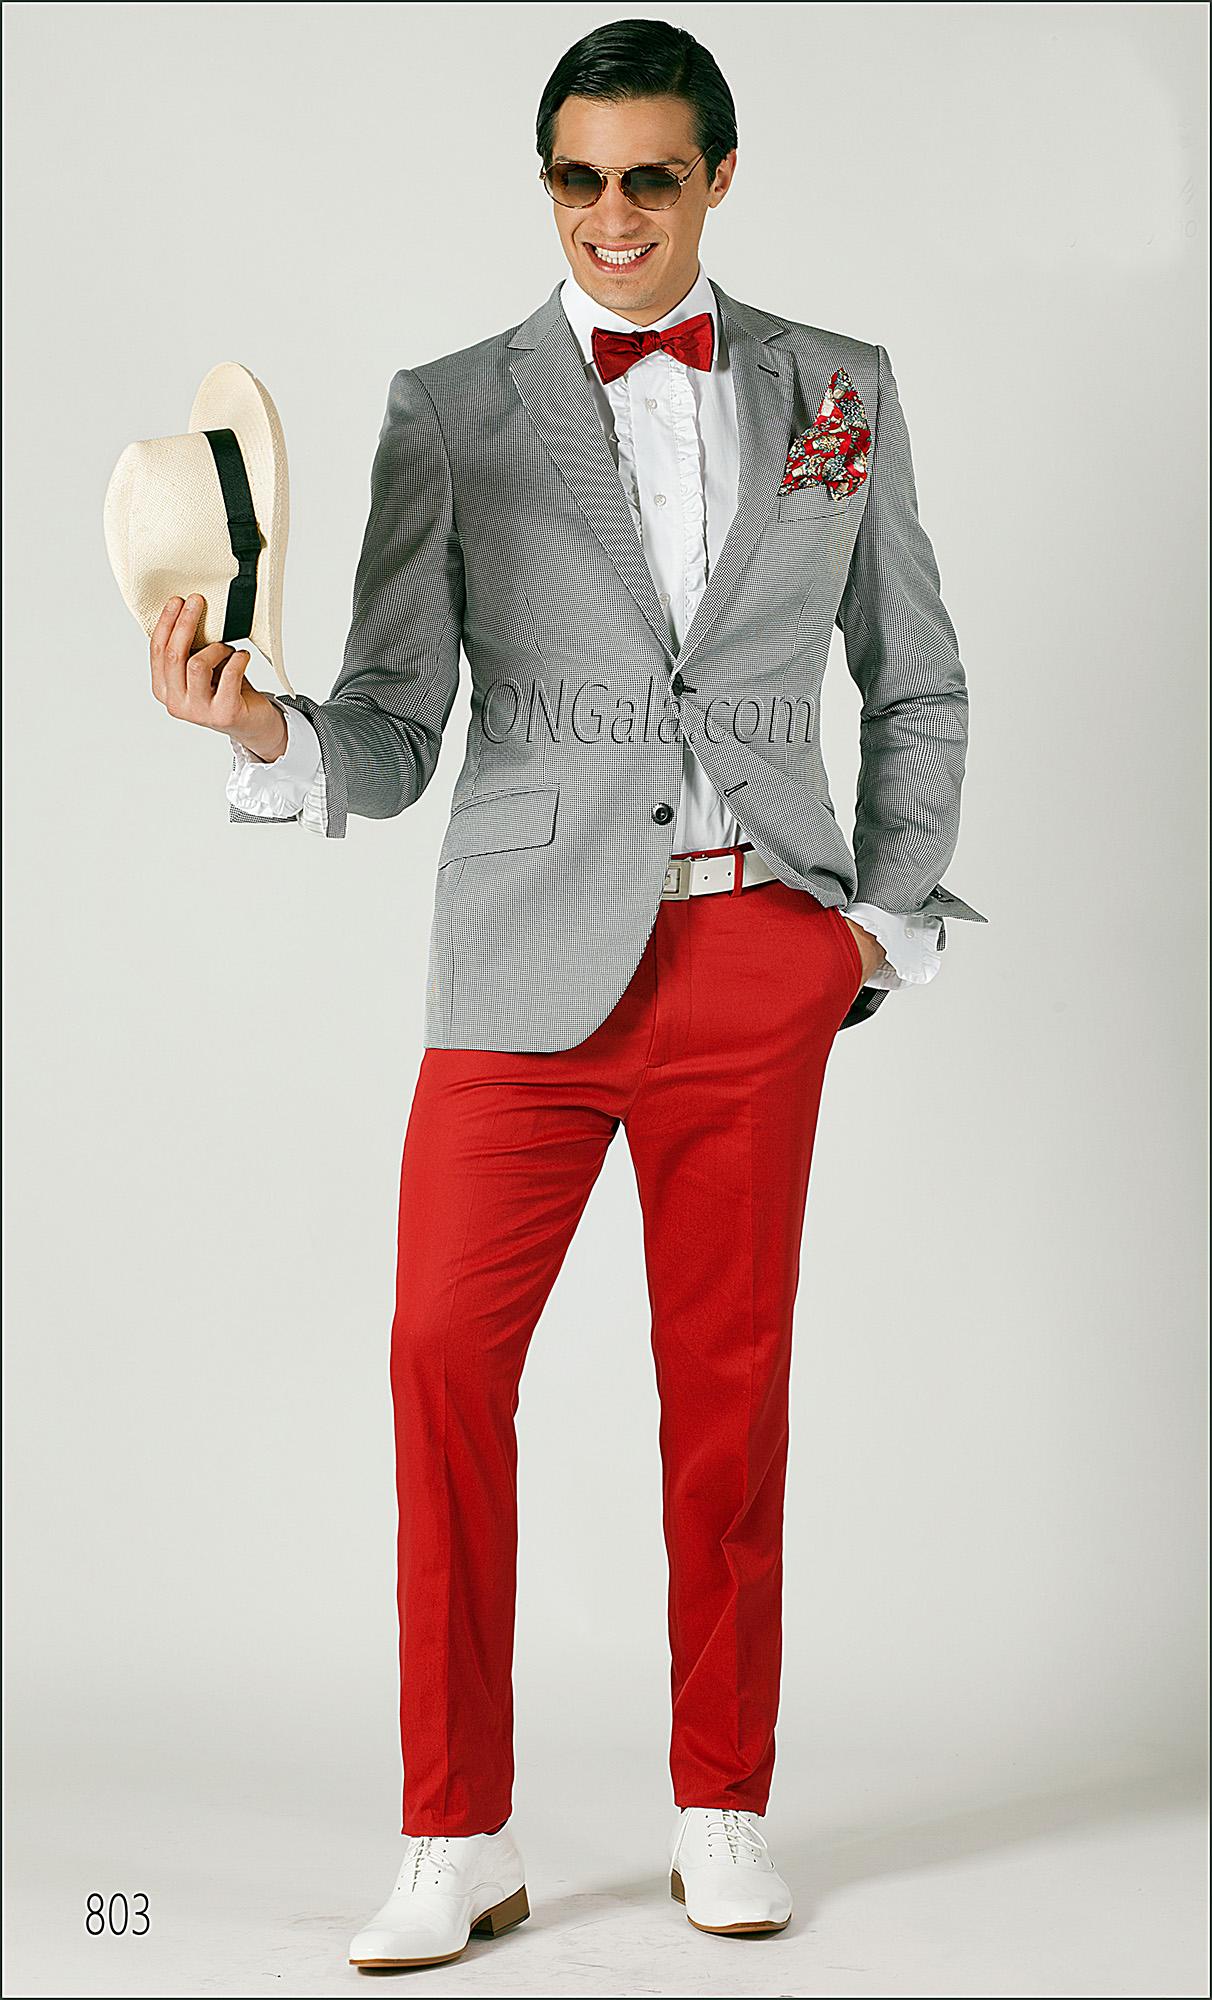 Moda Pied Con Di E Giacca Abito Rosso De Cotone Pantalone Poule kXiOPZTwul